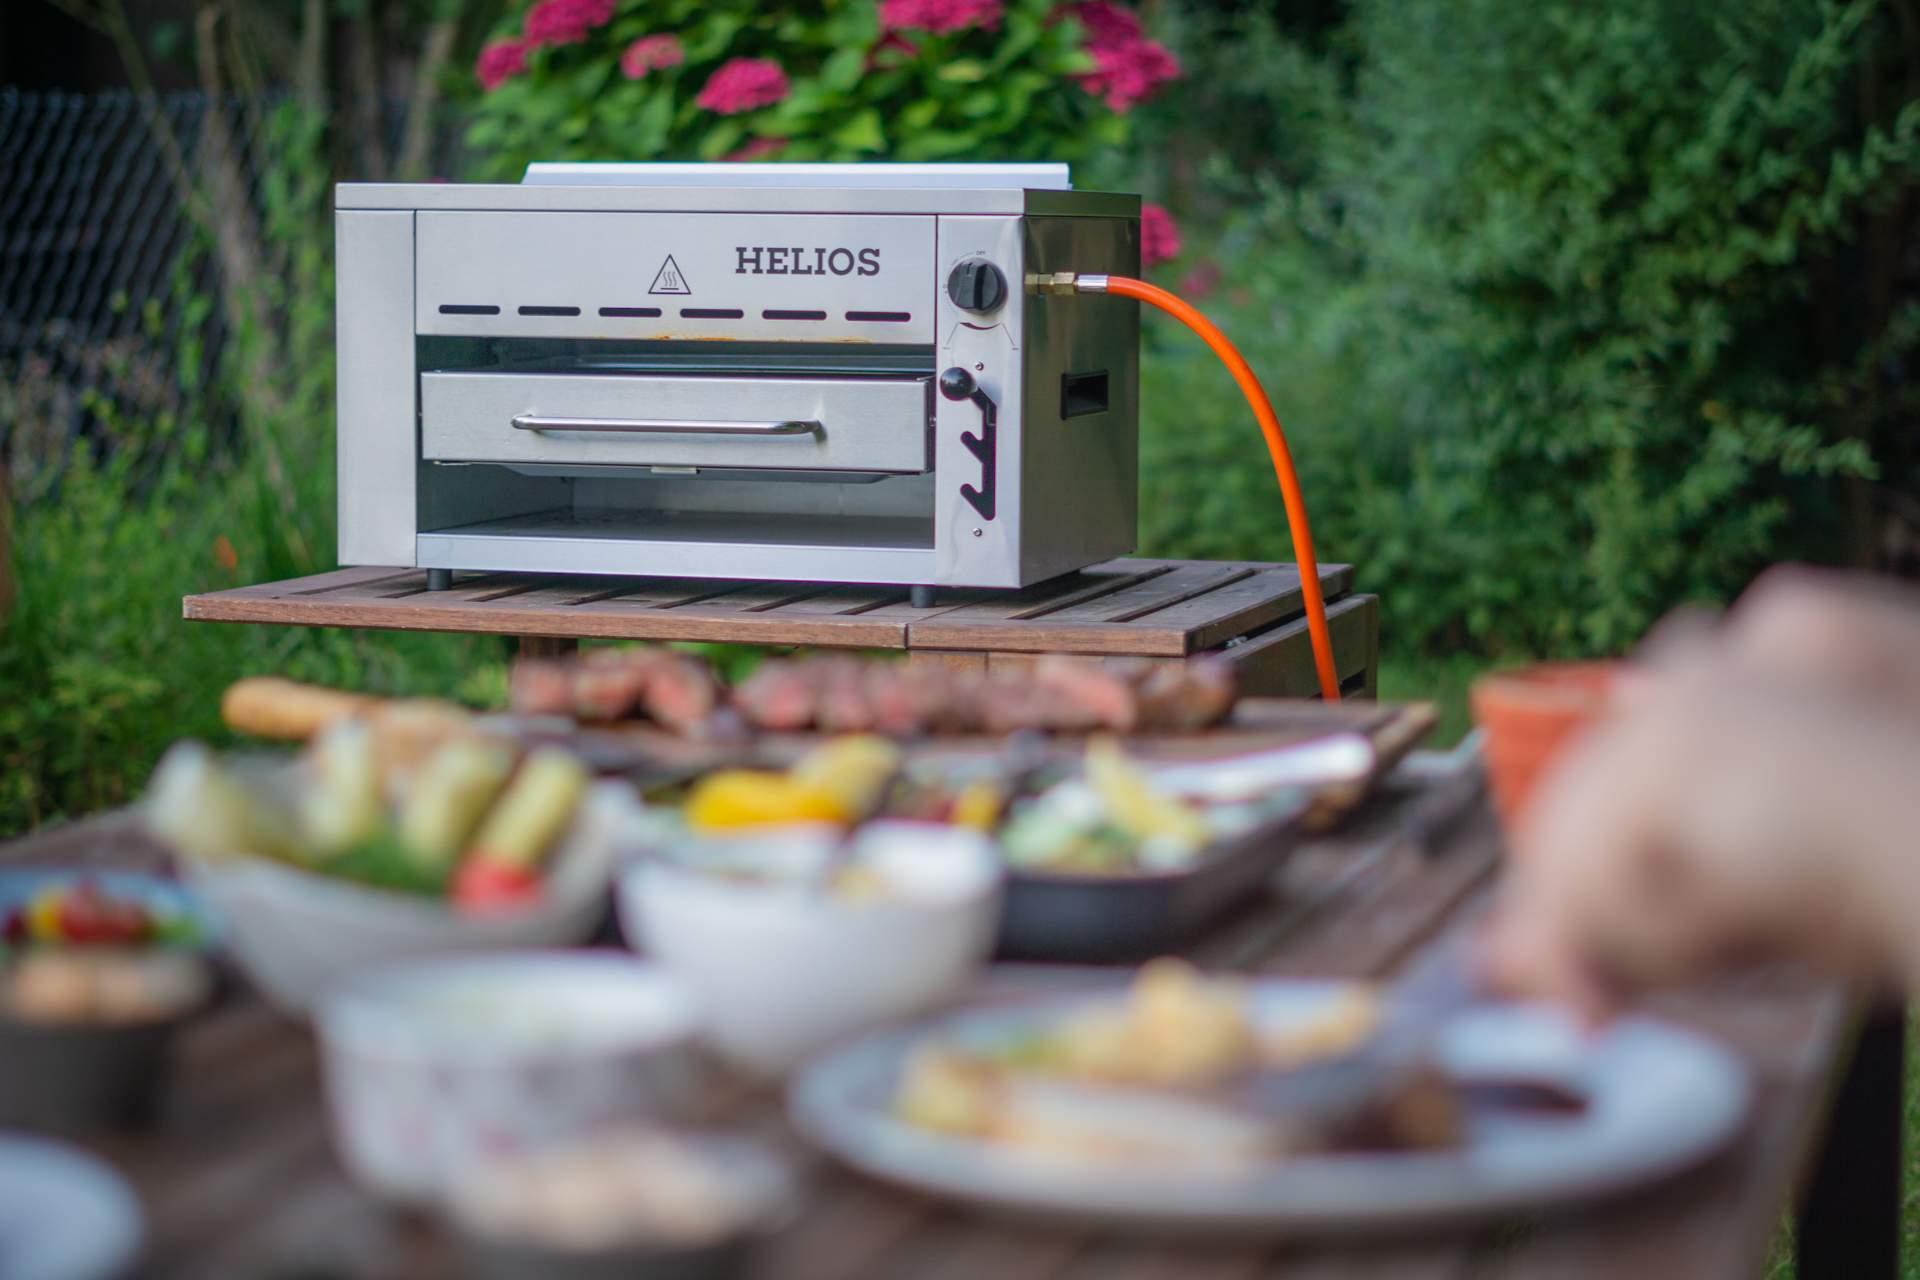 Meateor Helios im Fokus